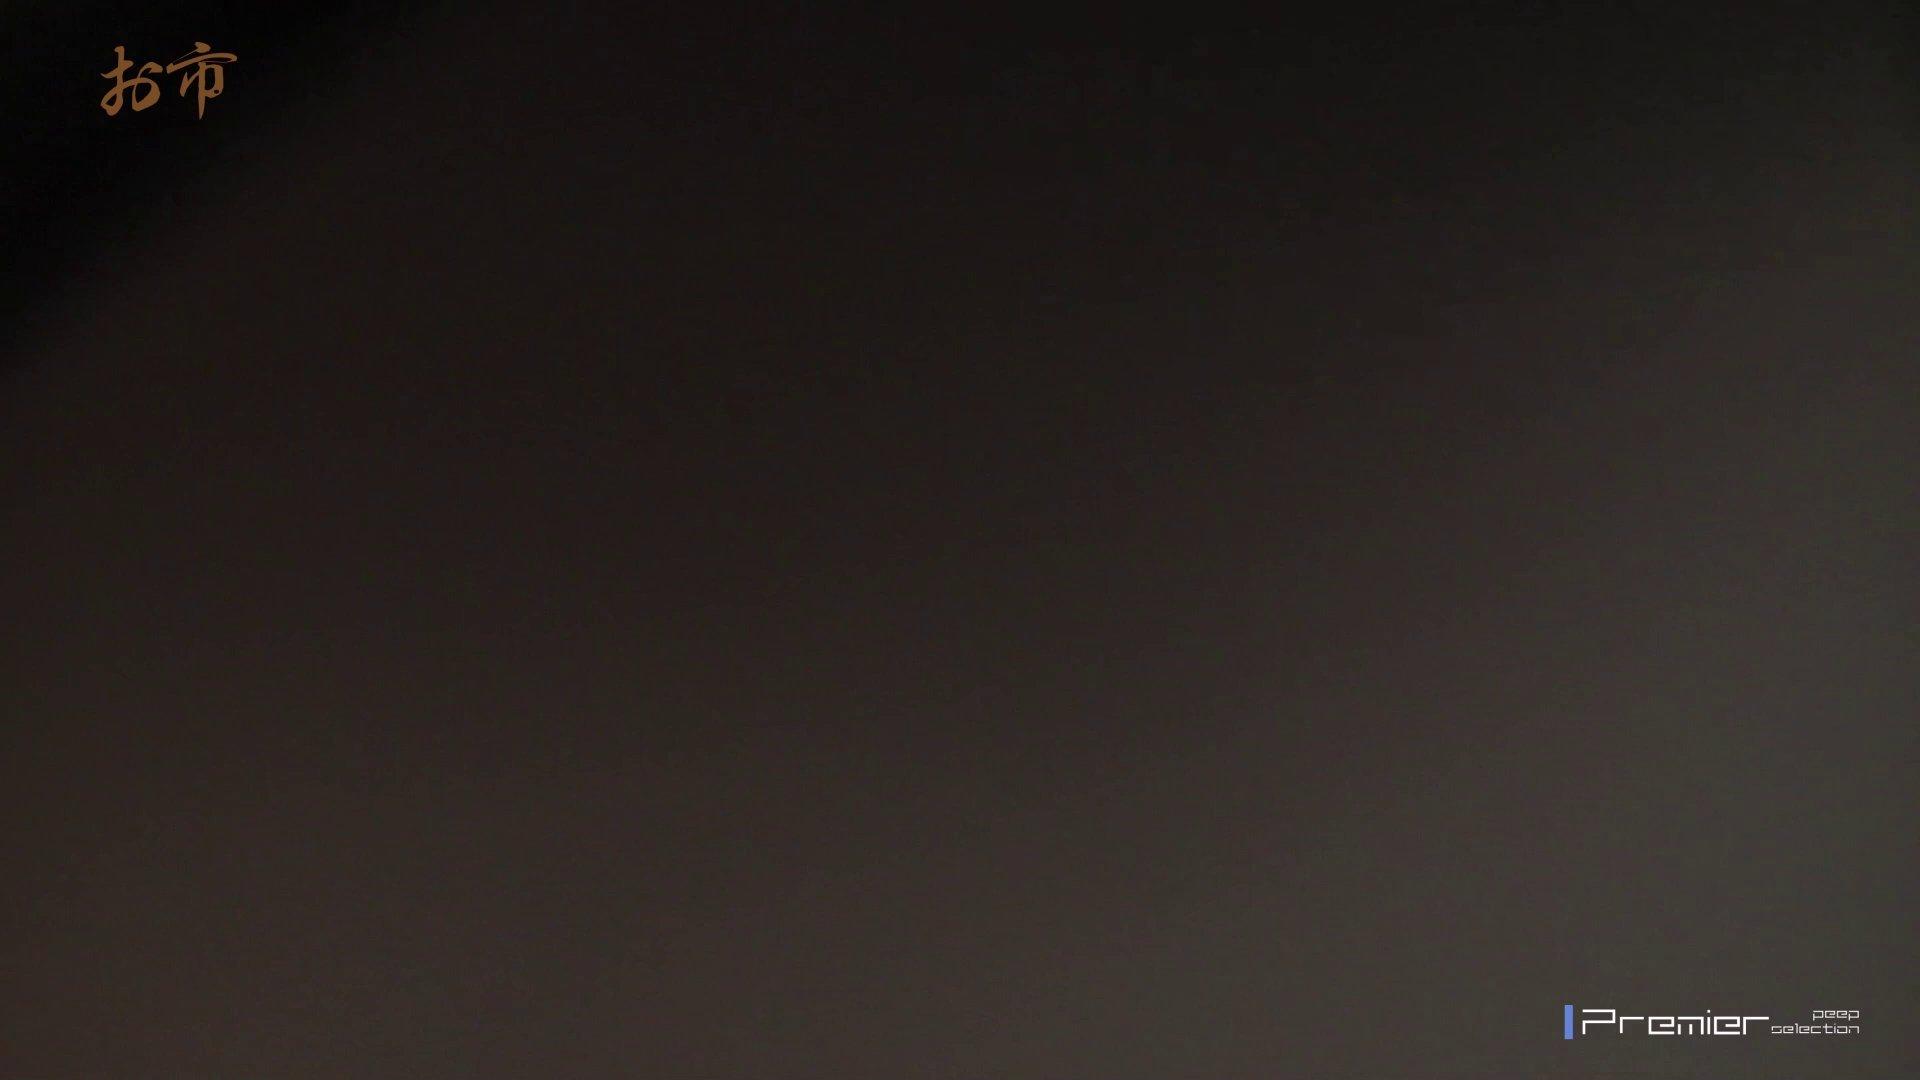 潜入!!台湾名門女学院 Vol.14 ラストコンテンツ!! 盗撮で悶絶 ワレメ無修正動画無料 109画像 60